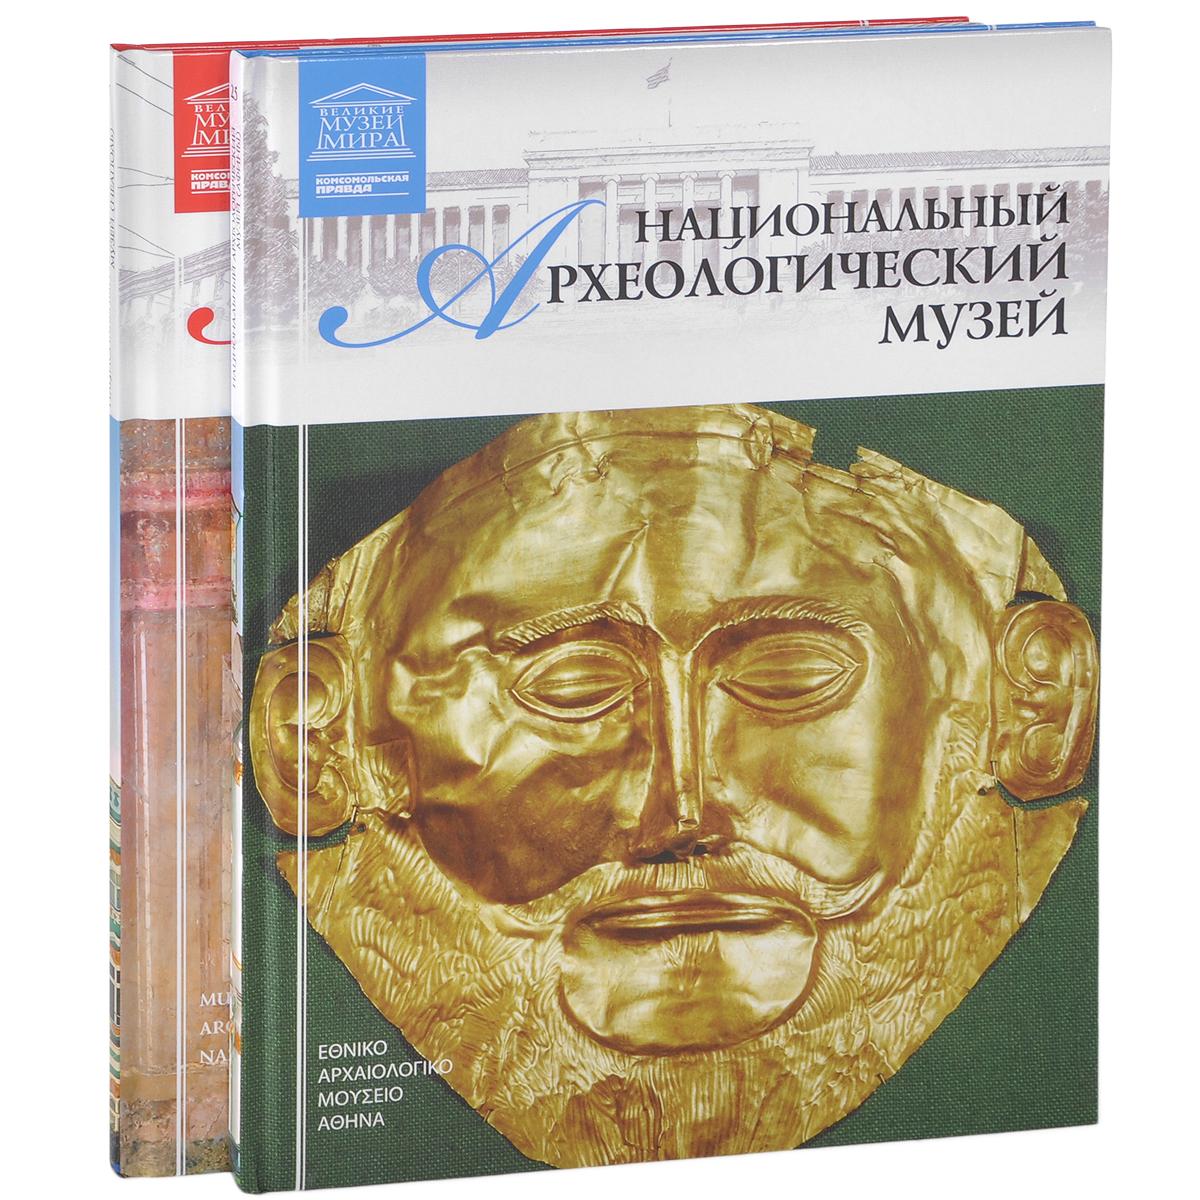 Д. Перова Археологические музеи (комплект из 2 книг) серия великие россияне комплект из 35 книг